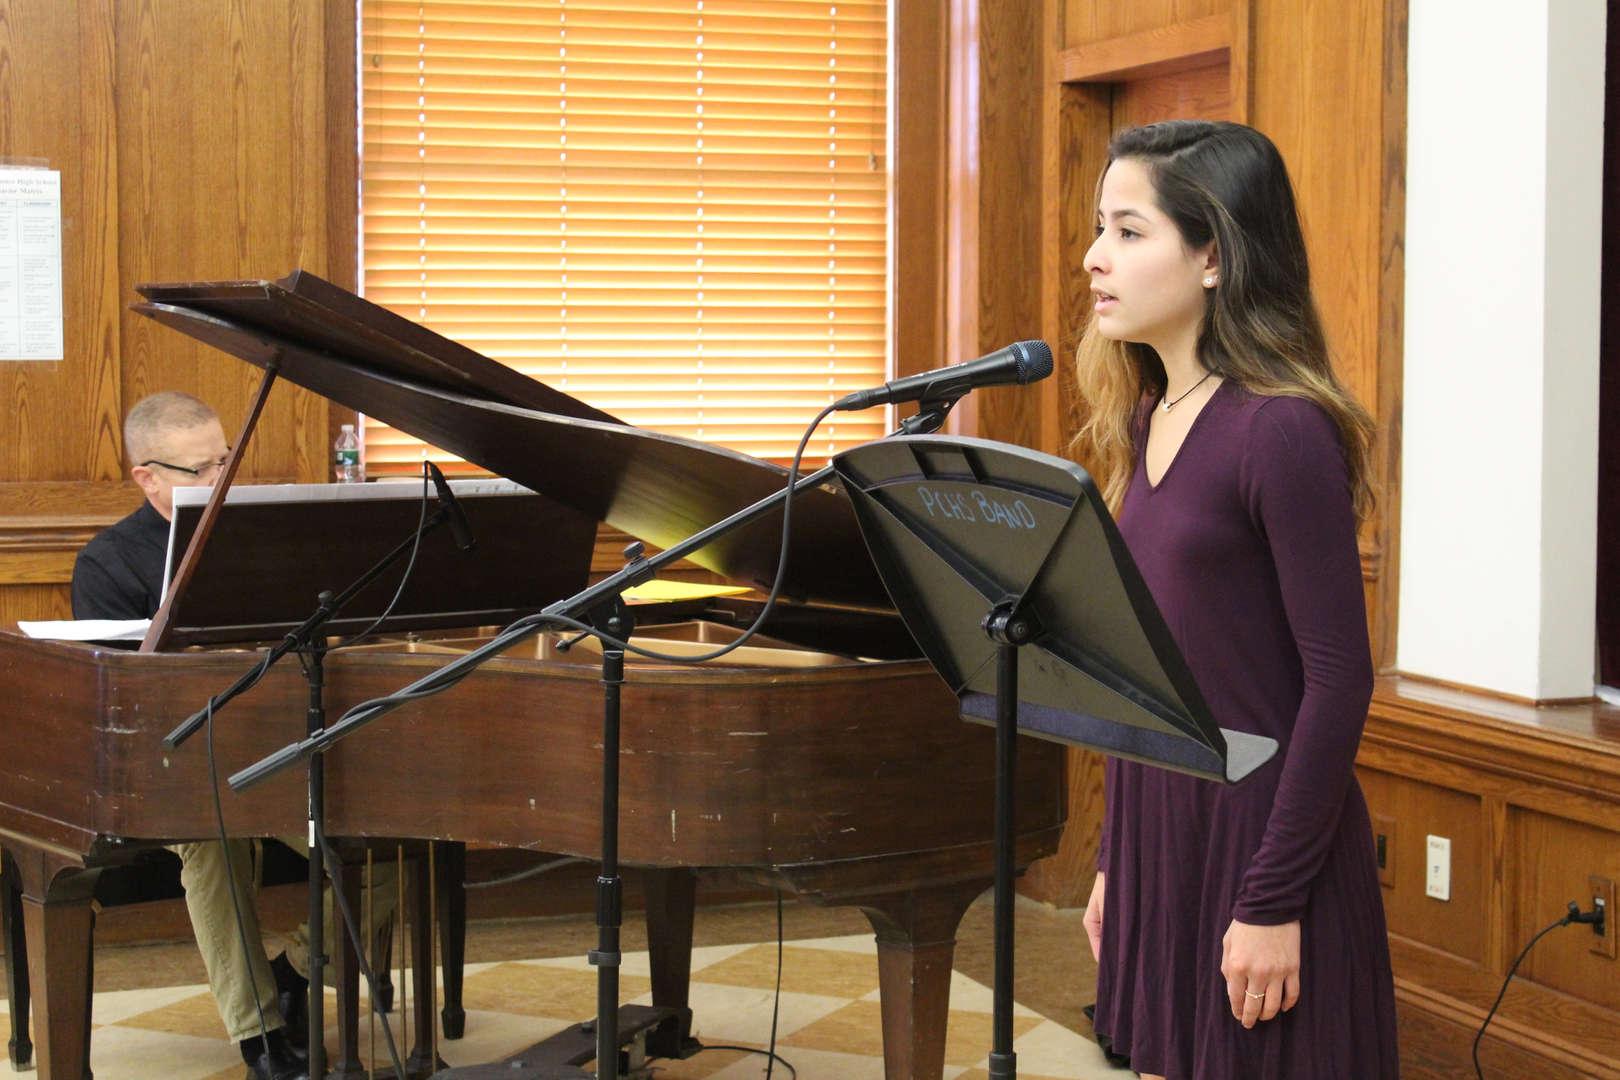 Girl standing singing